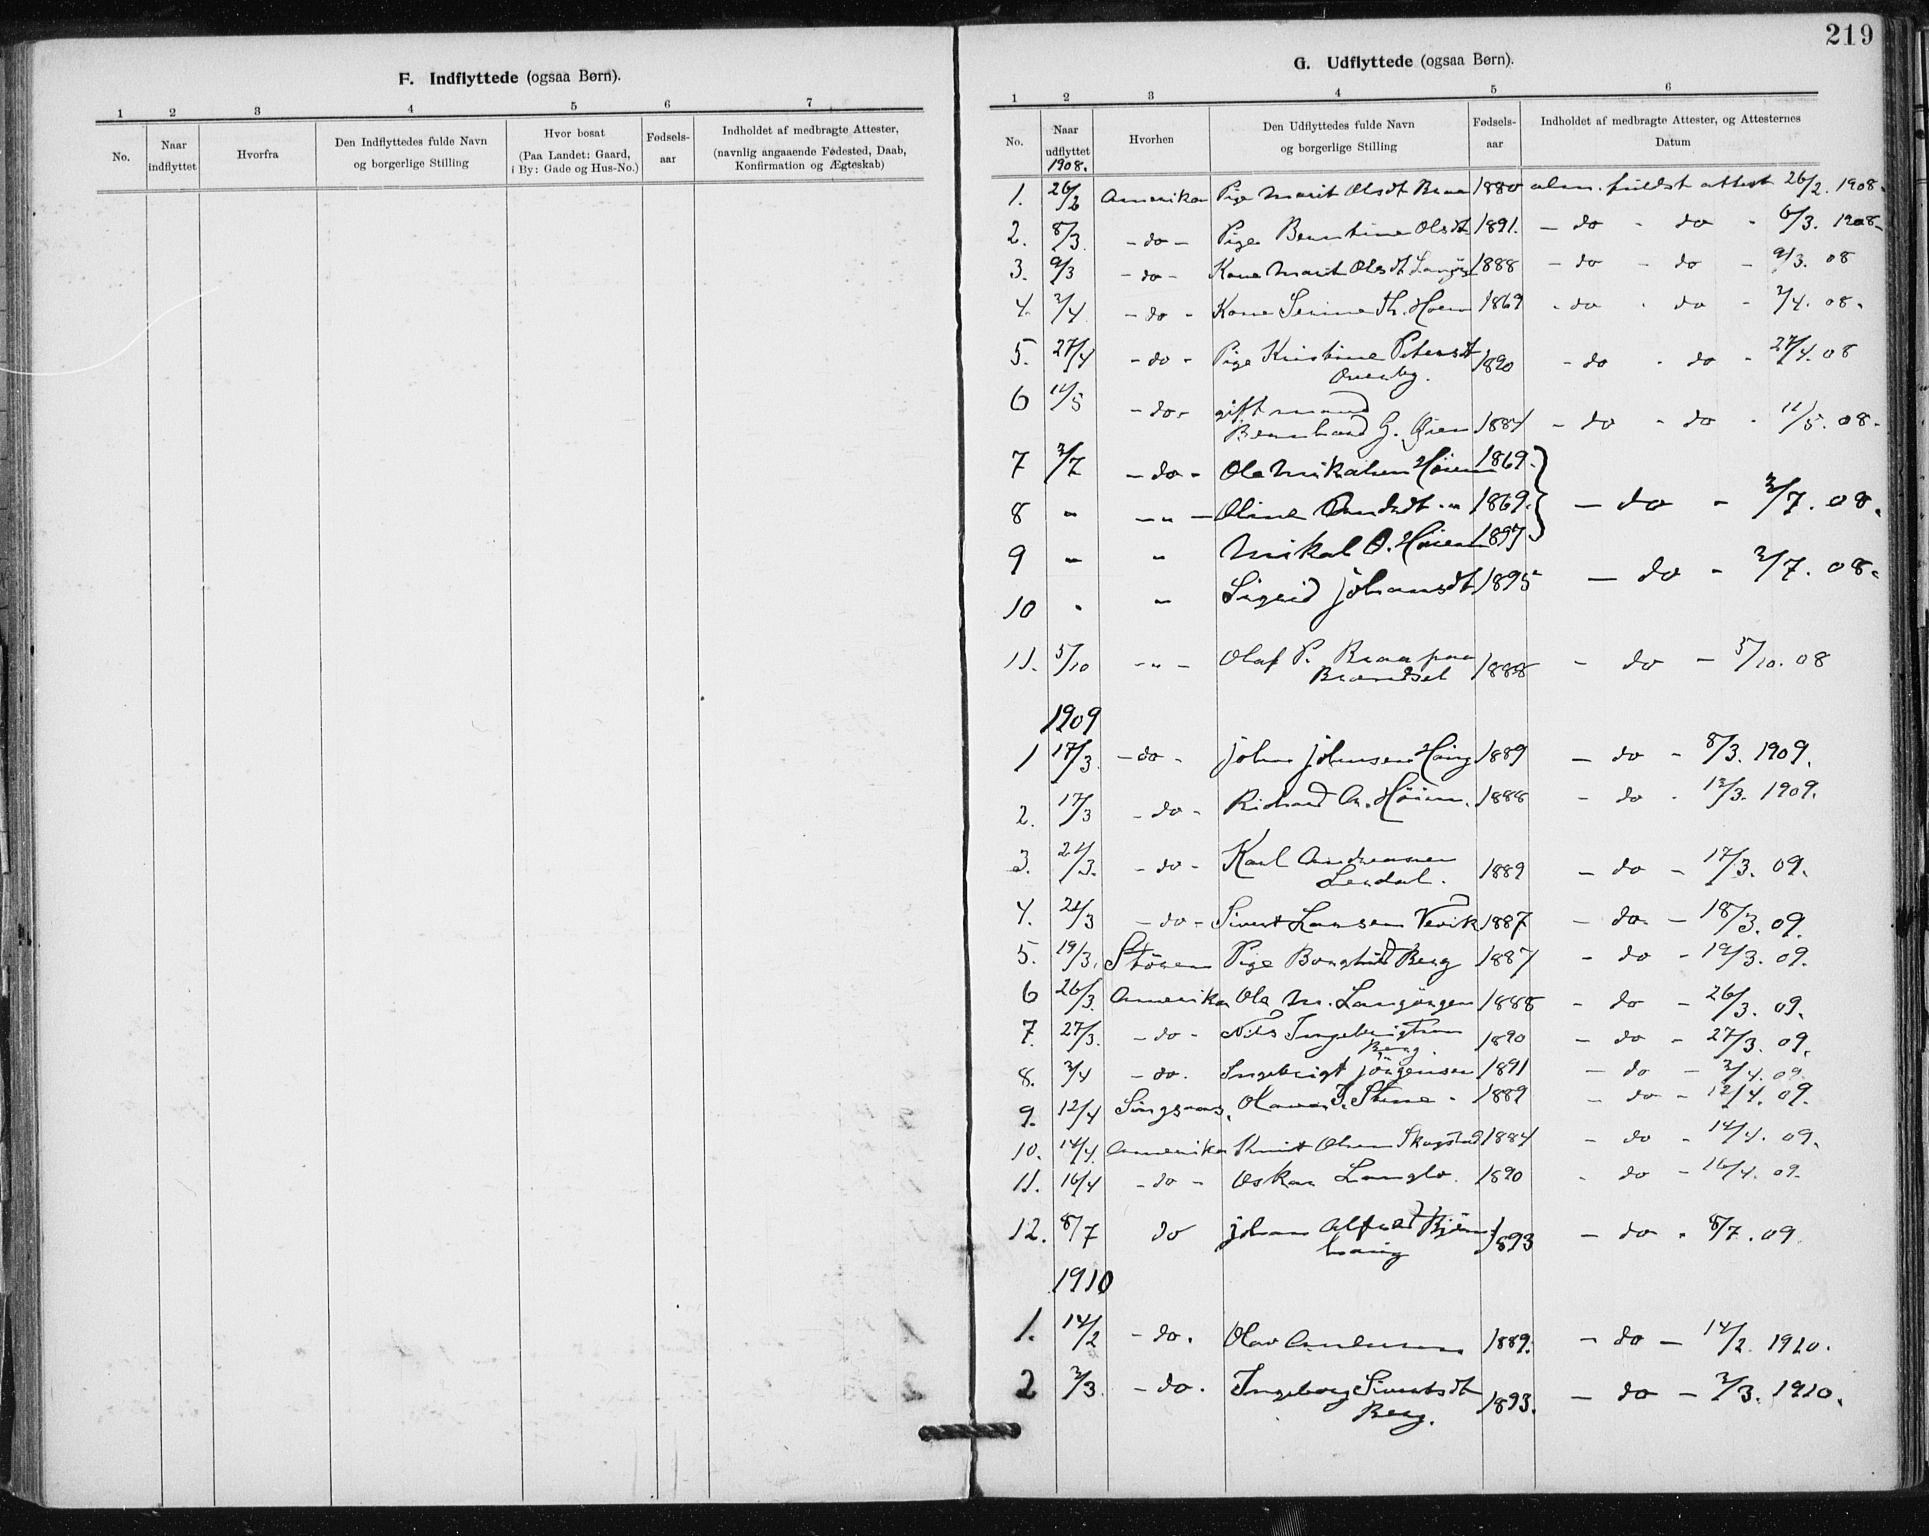 SAT, Ministerialprotokoller, klokkerbøker og fødselsregistre - Sør-Trøndelag, 612/L0381: Ministerialbok nr. 612A13, 1907-1923, s. 219